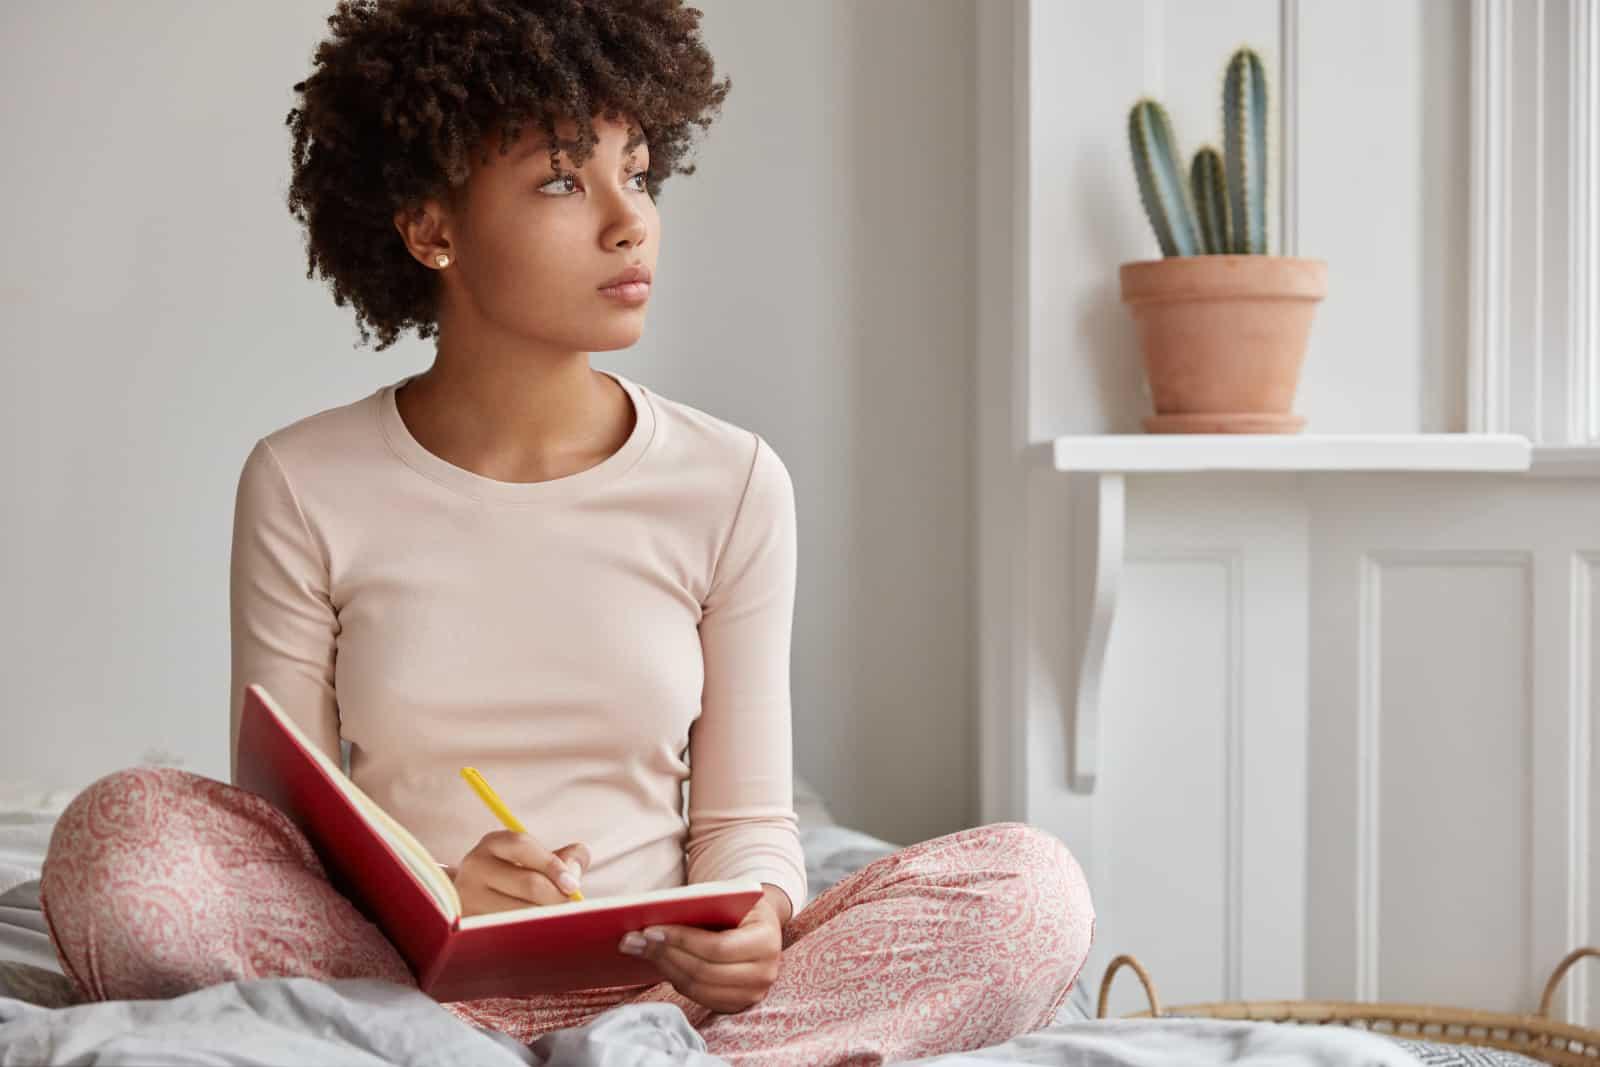 Eine schwarze Frau mit lockigem Haar sitzt auf dem Bett